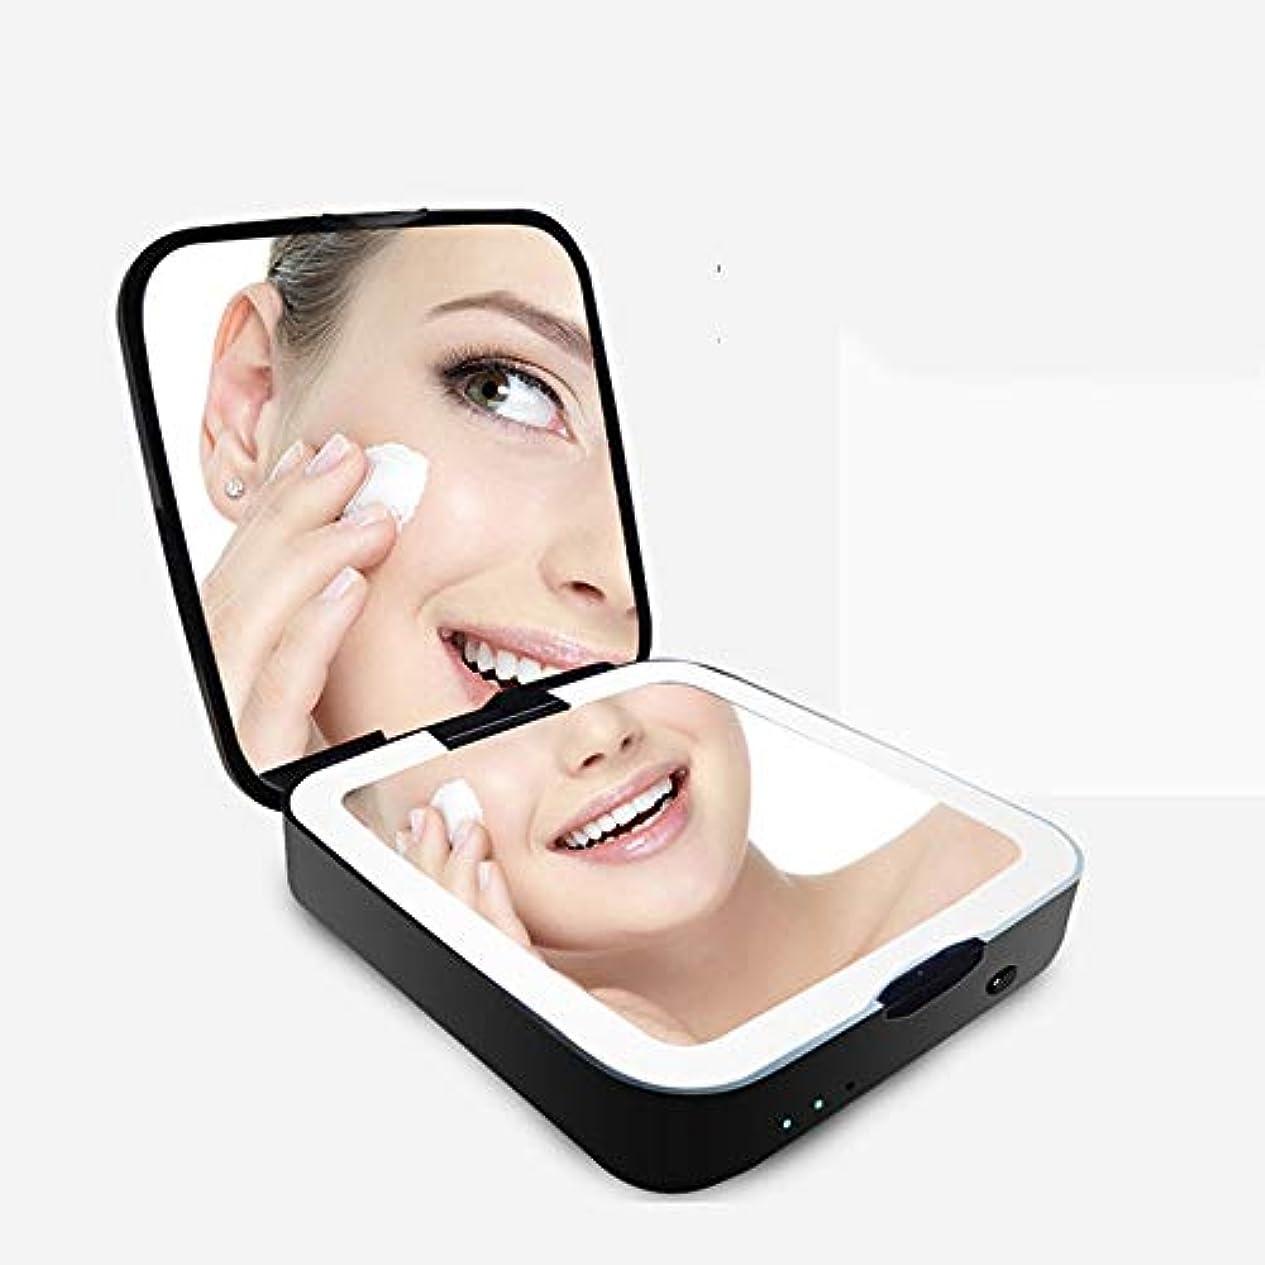 かどうかシャンパン使い込む流行の 新しい両面折りたたみLEDライトポータブルポータブルミラー充電宝化粧鏡ABS黒美容ミラー虫眼鏡ナイトライト